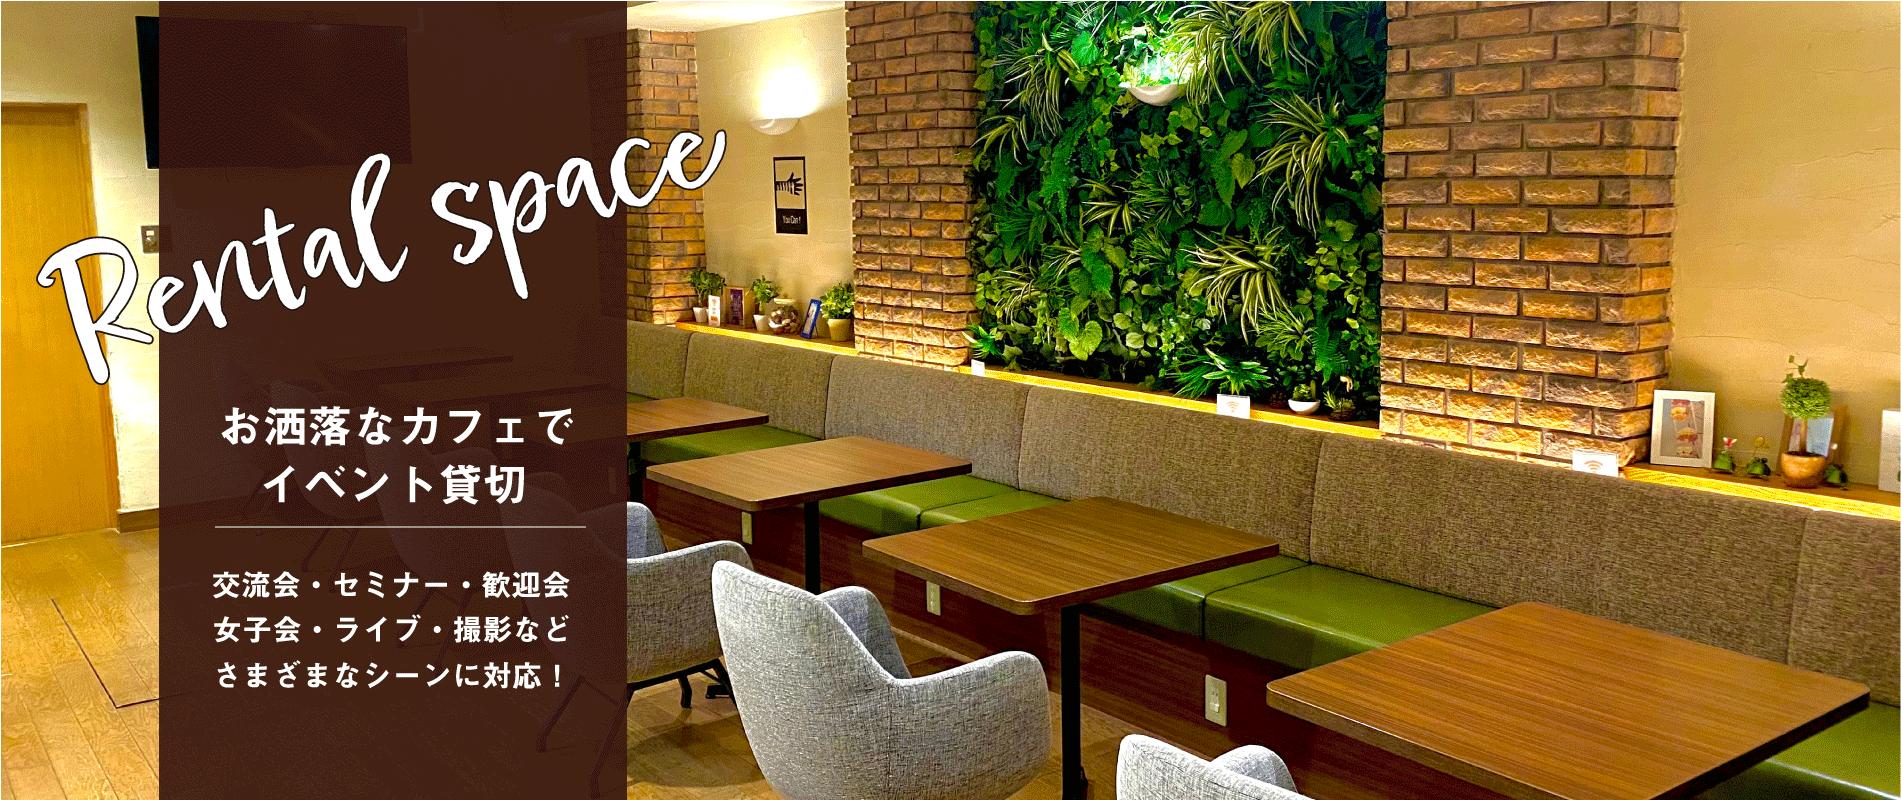 カフェスペースを丸ごとイベント貸切